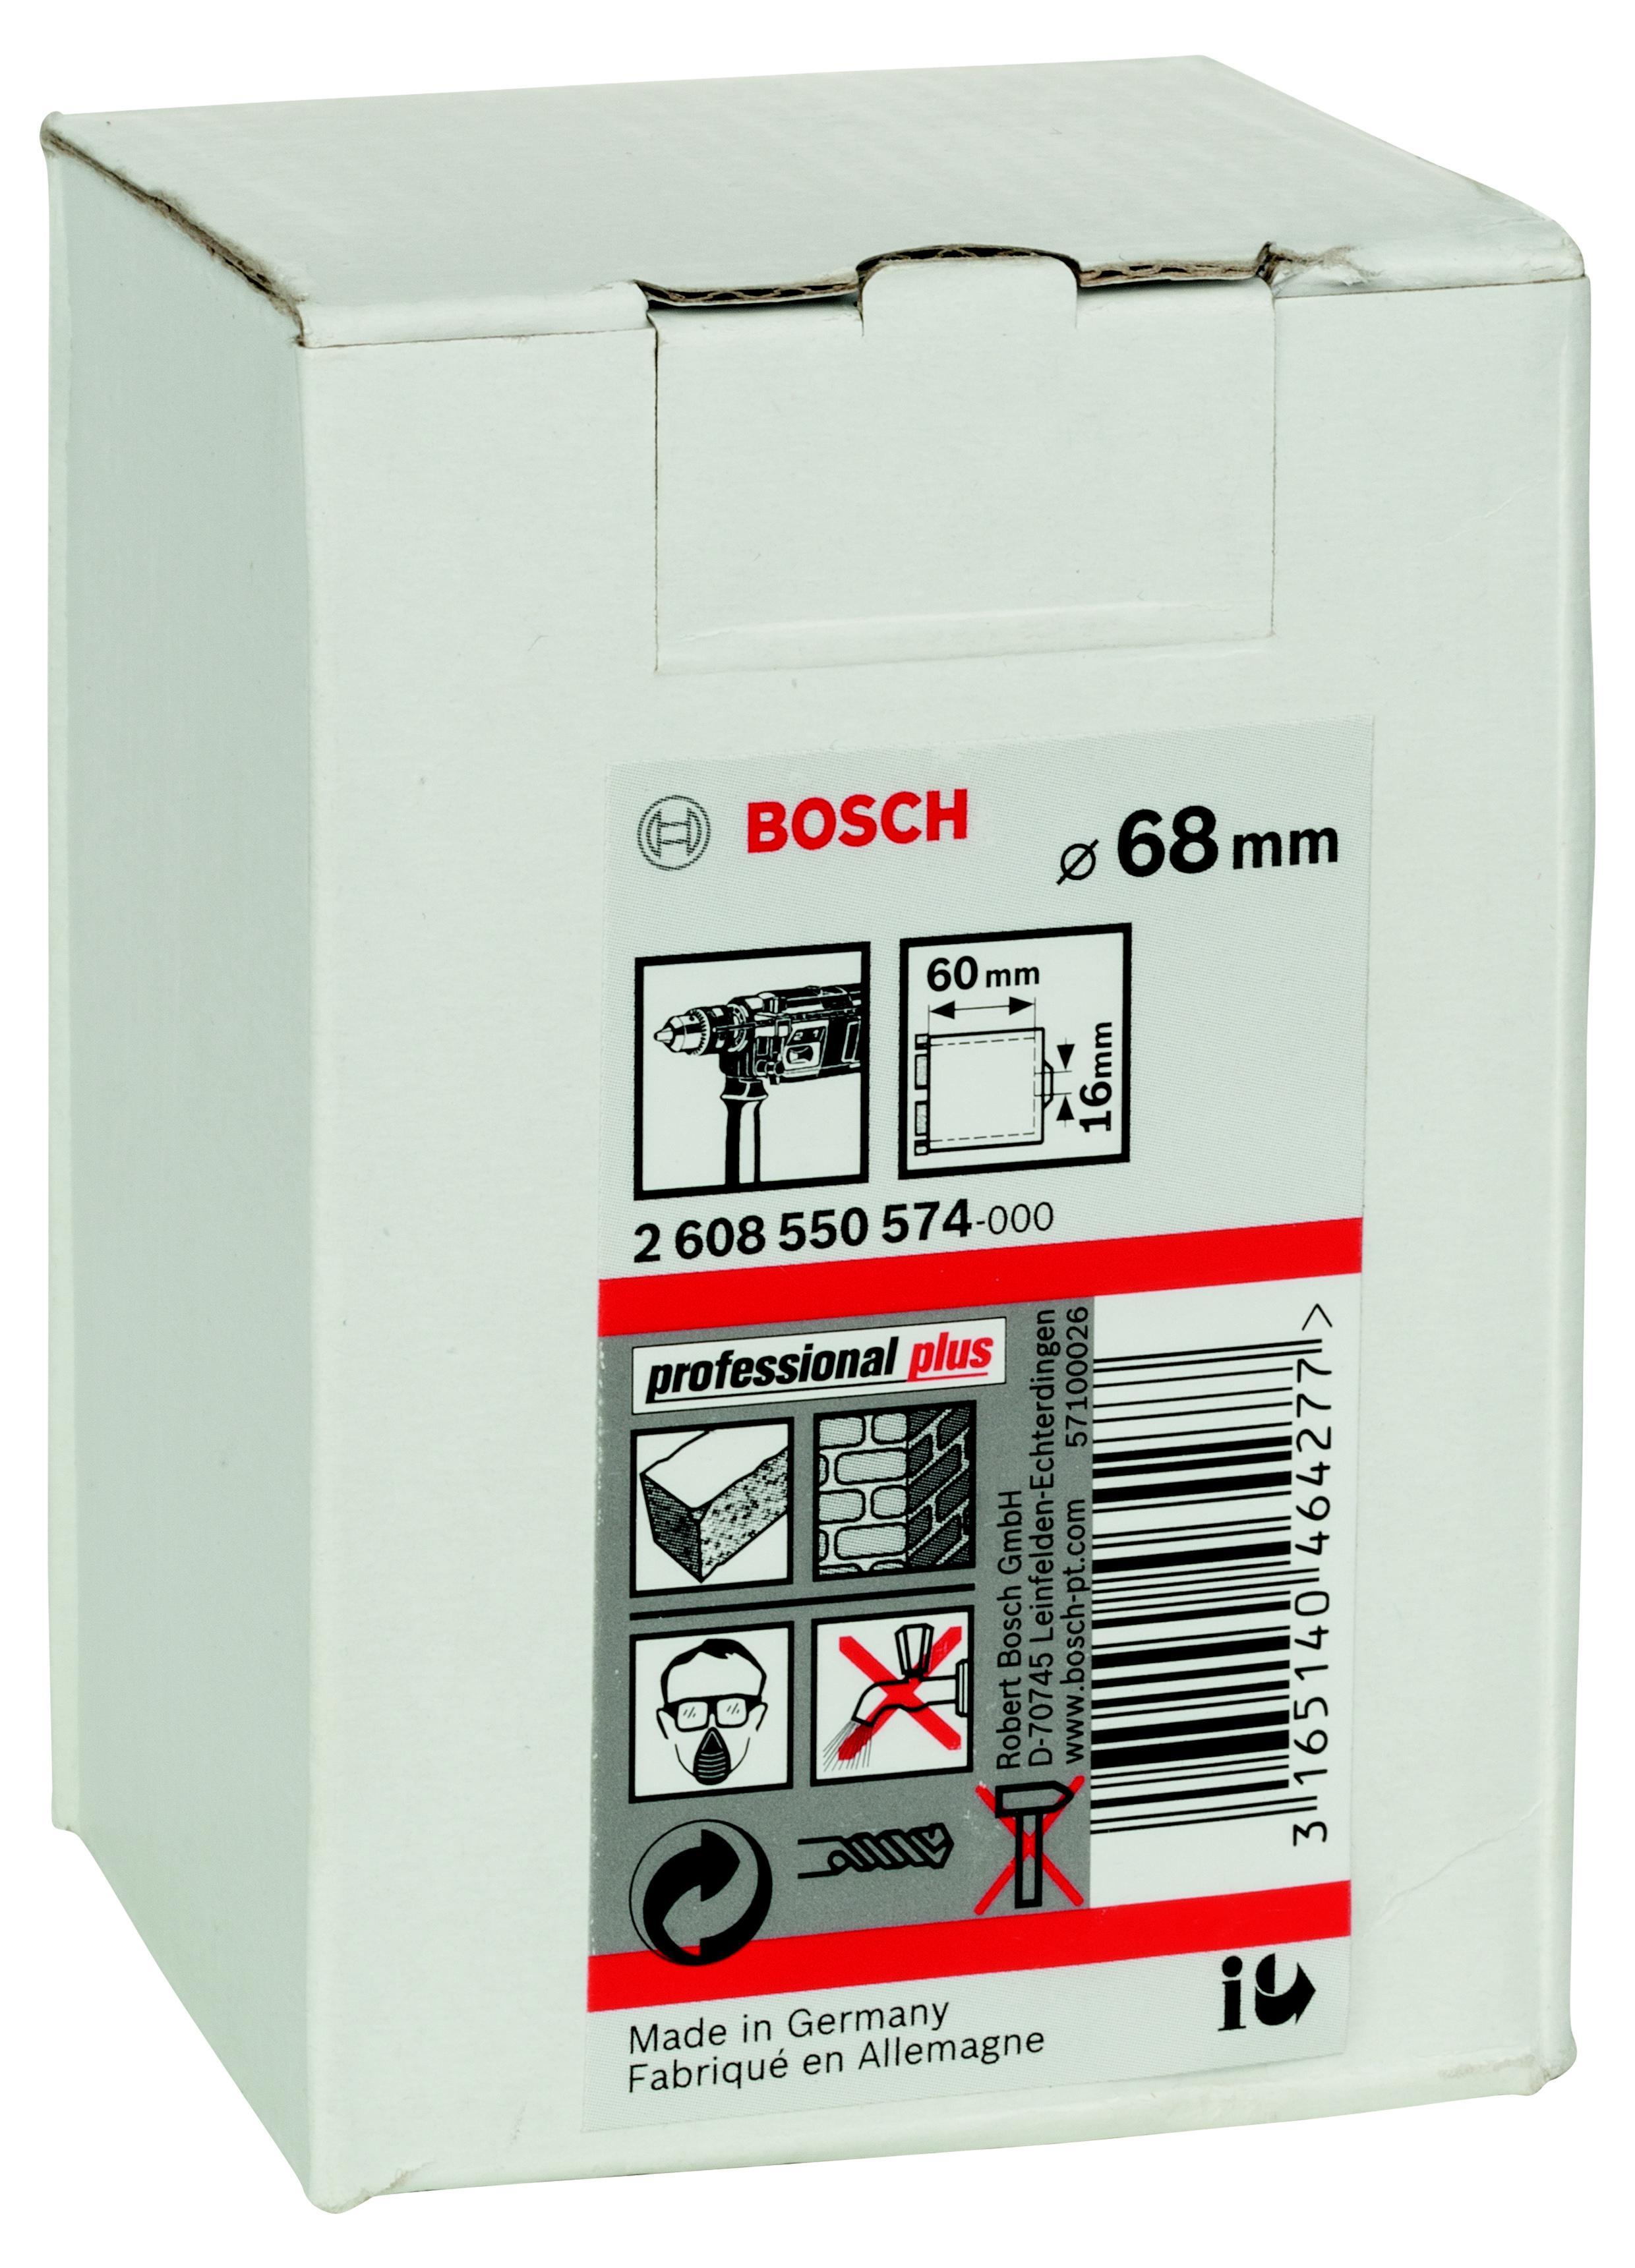 Купить Коронка алмазная Bosch 2608550574